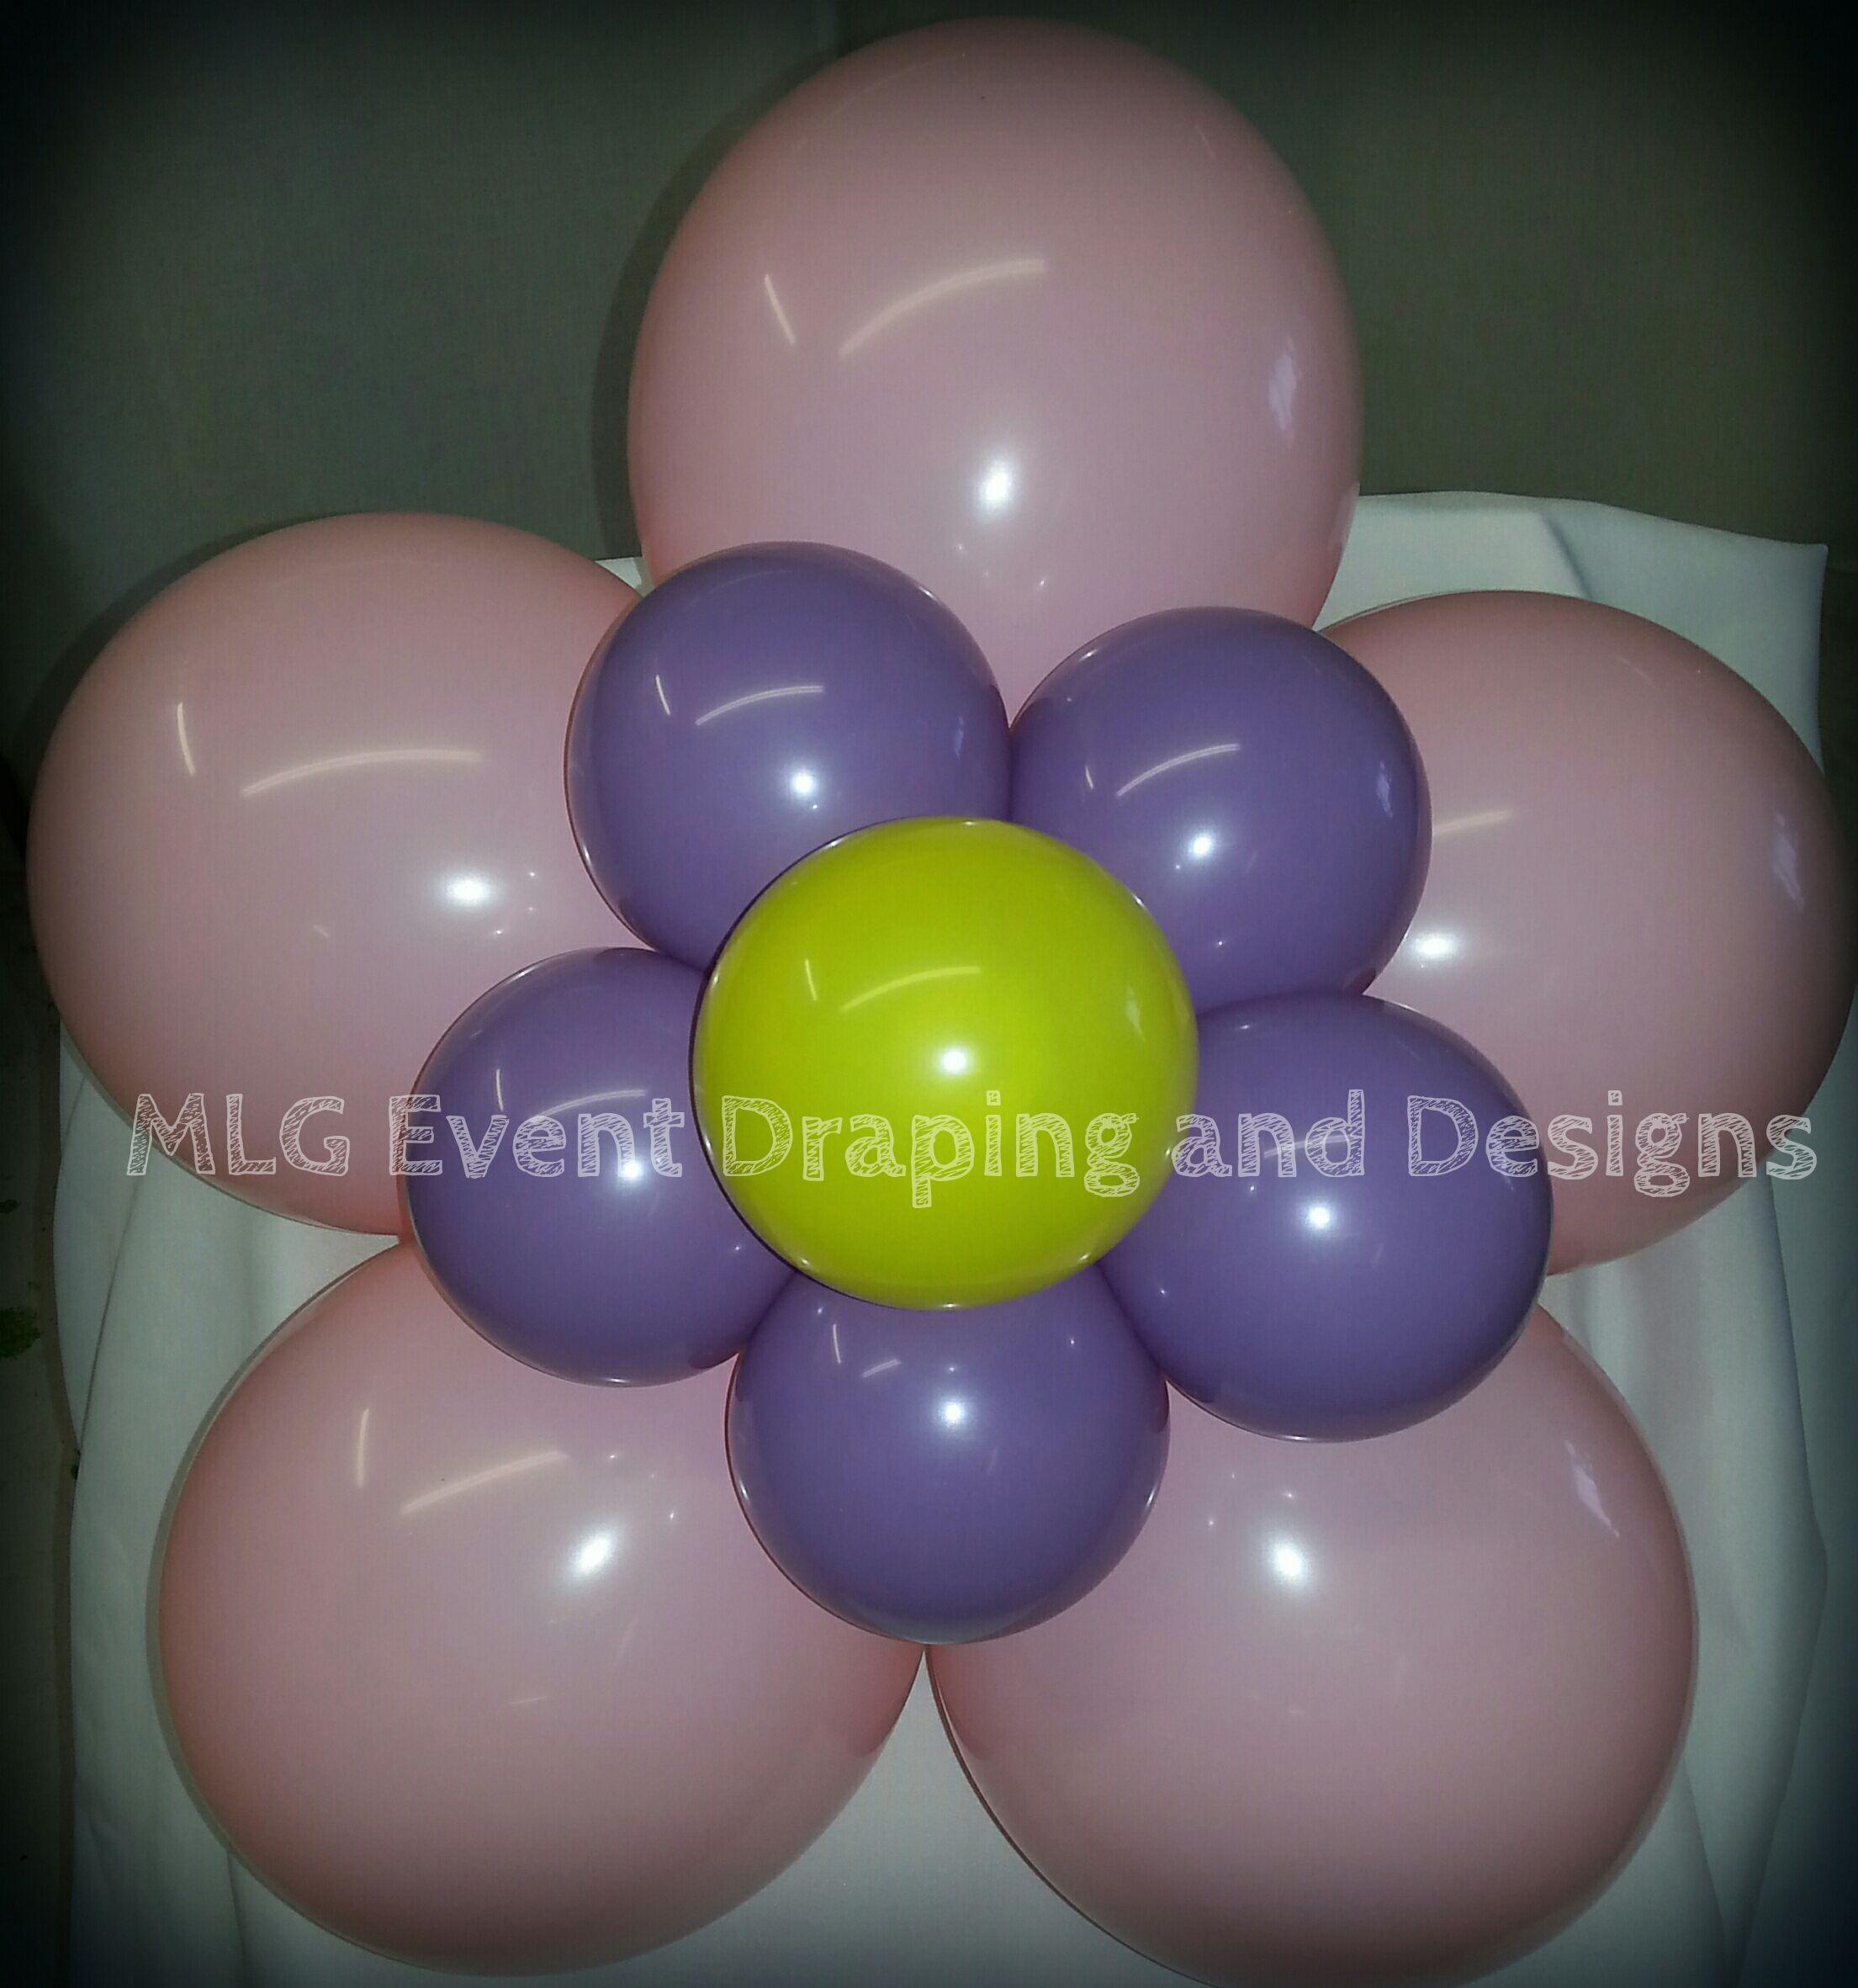 Balloon Flower Balloon Flowers Balloon Decorations Balloons